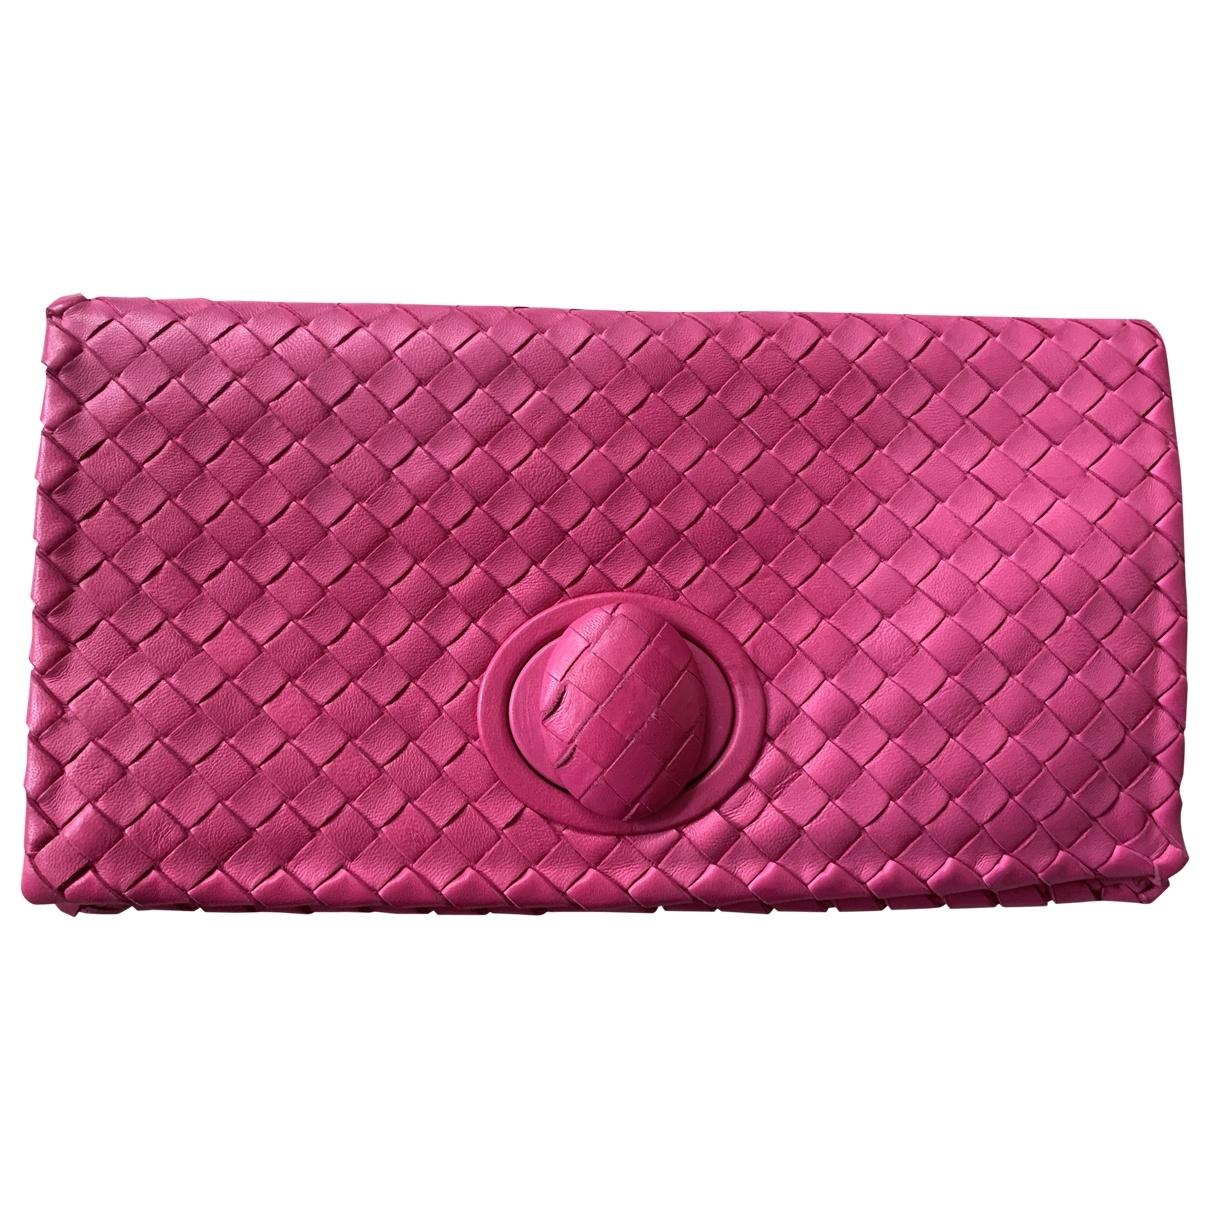 Bottega Veneta \N Leather Clutch bag for Women \N